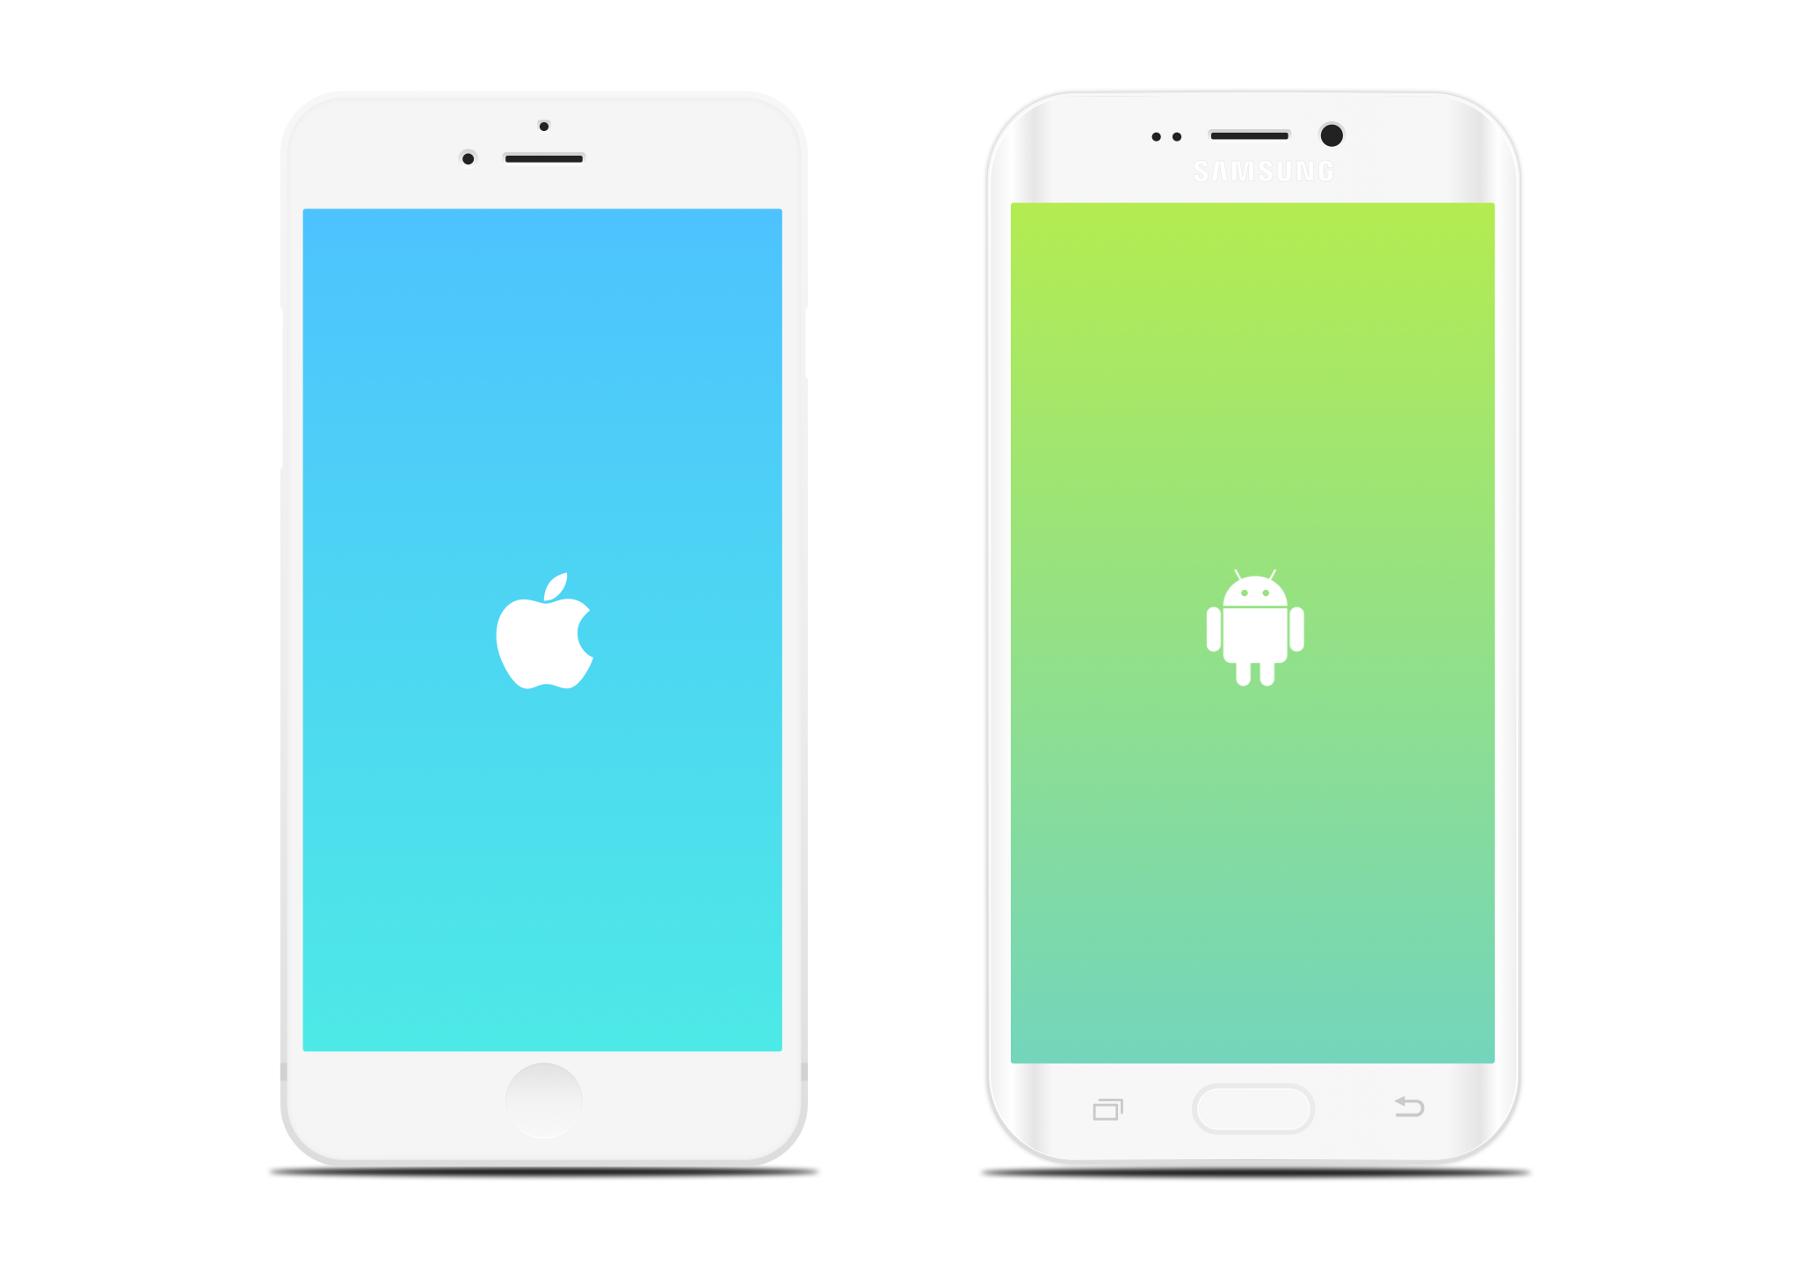 新手入门必备!6个技巧帮你把iOS的UI转换成安卓!